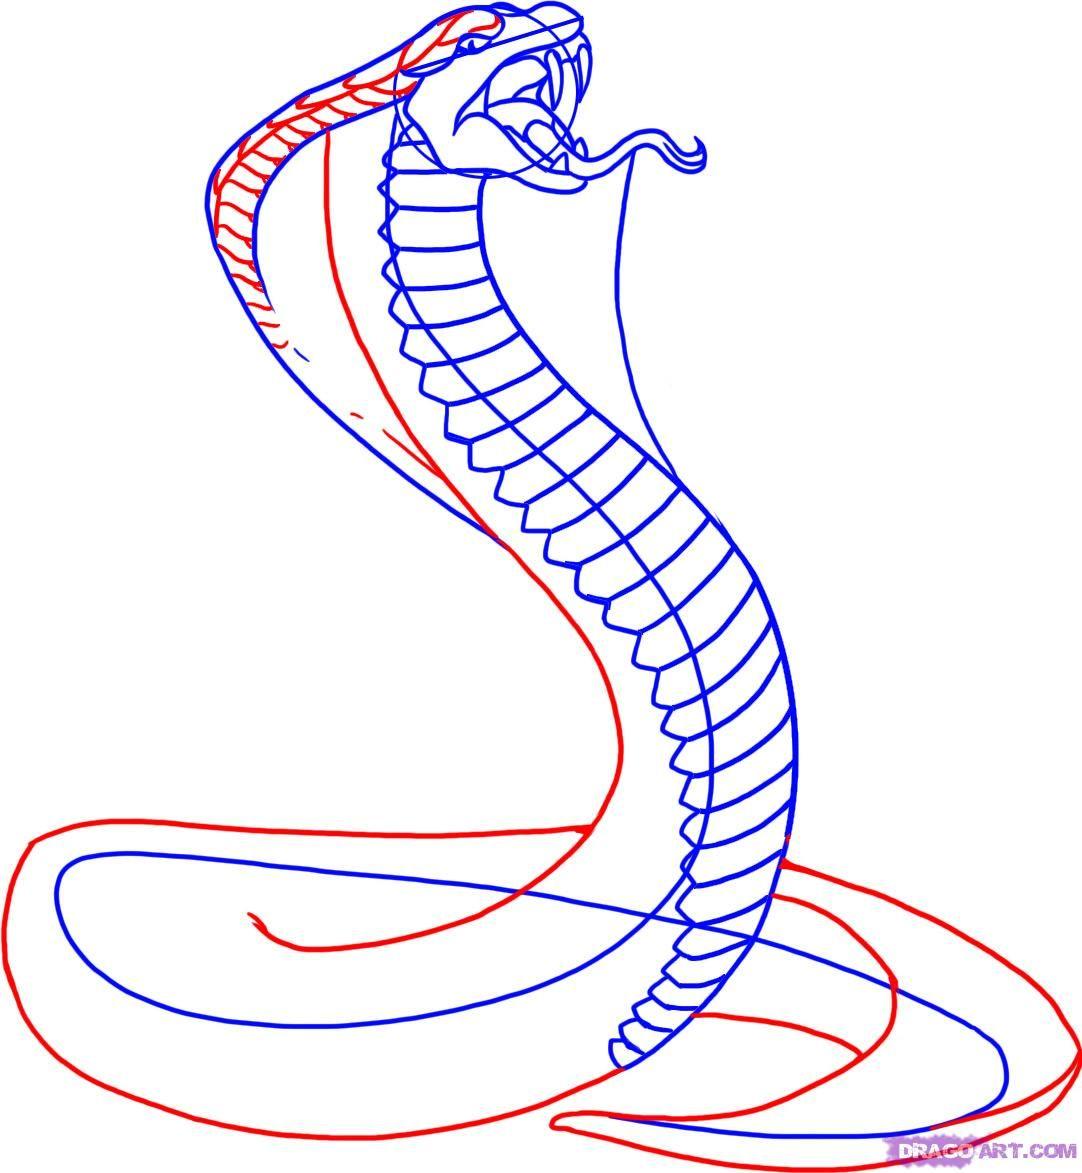 Змеи в картинках схемы